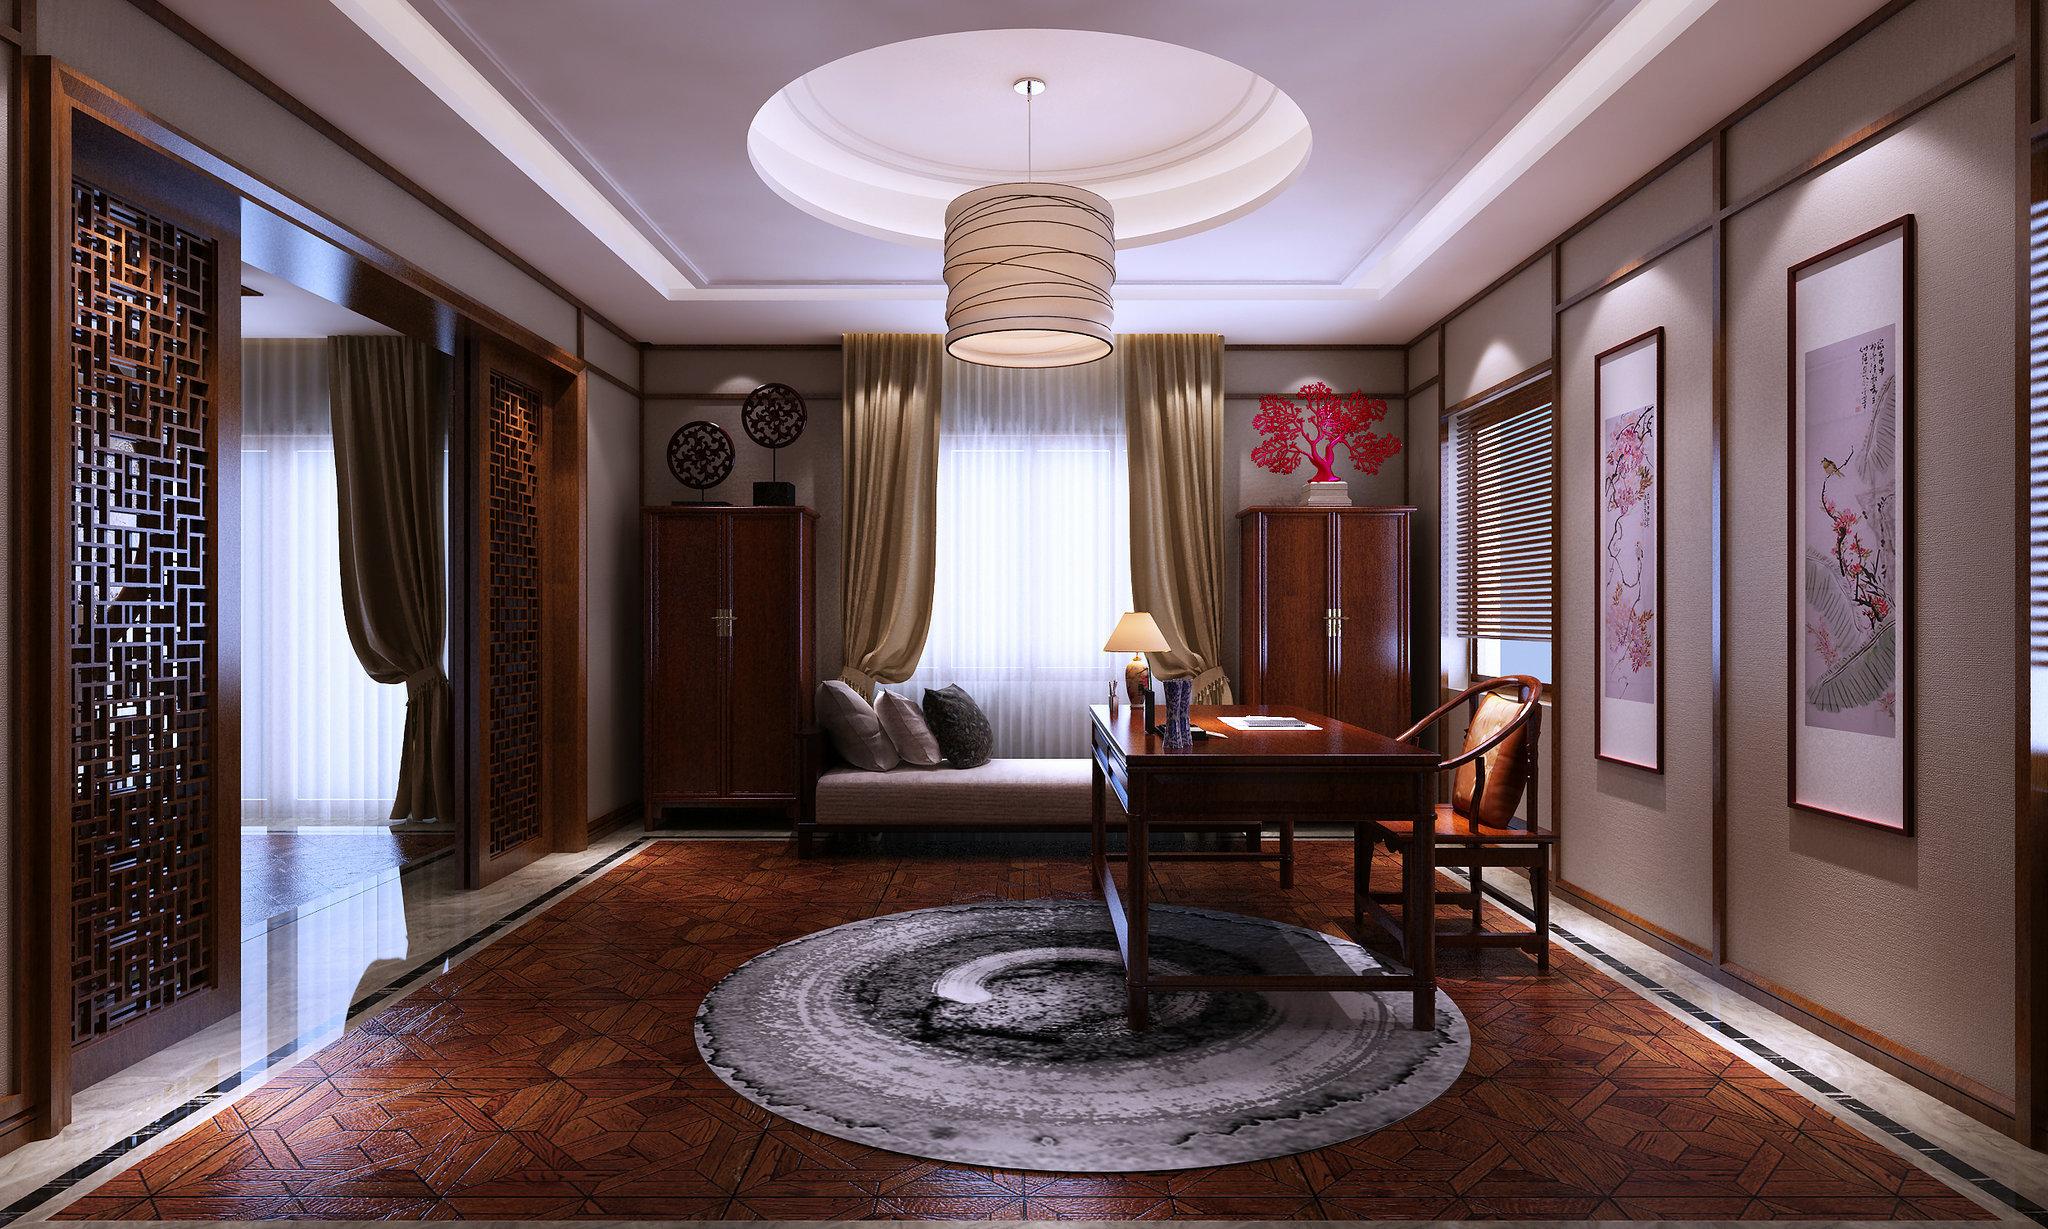 国宾一号 别墅装修 腾龙设计 其他图片来自腾龙设计在国宾一号别墅装修欧美风格设计的分享